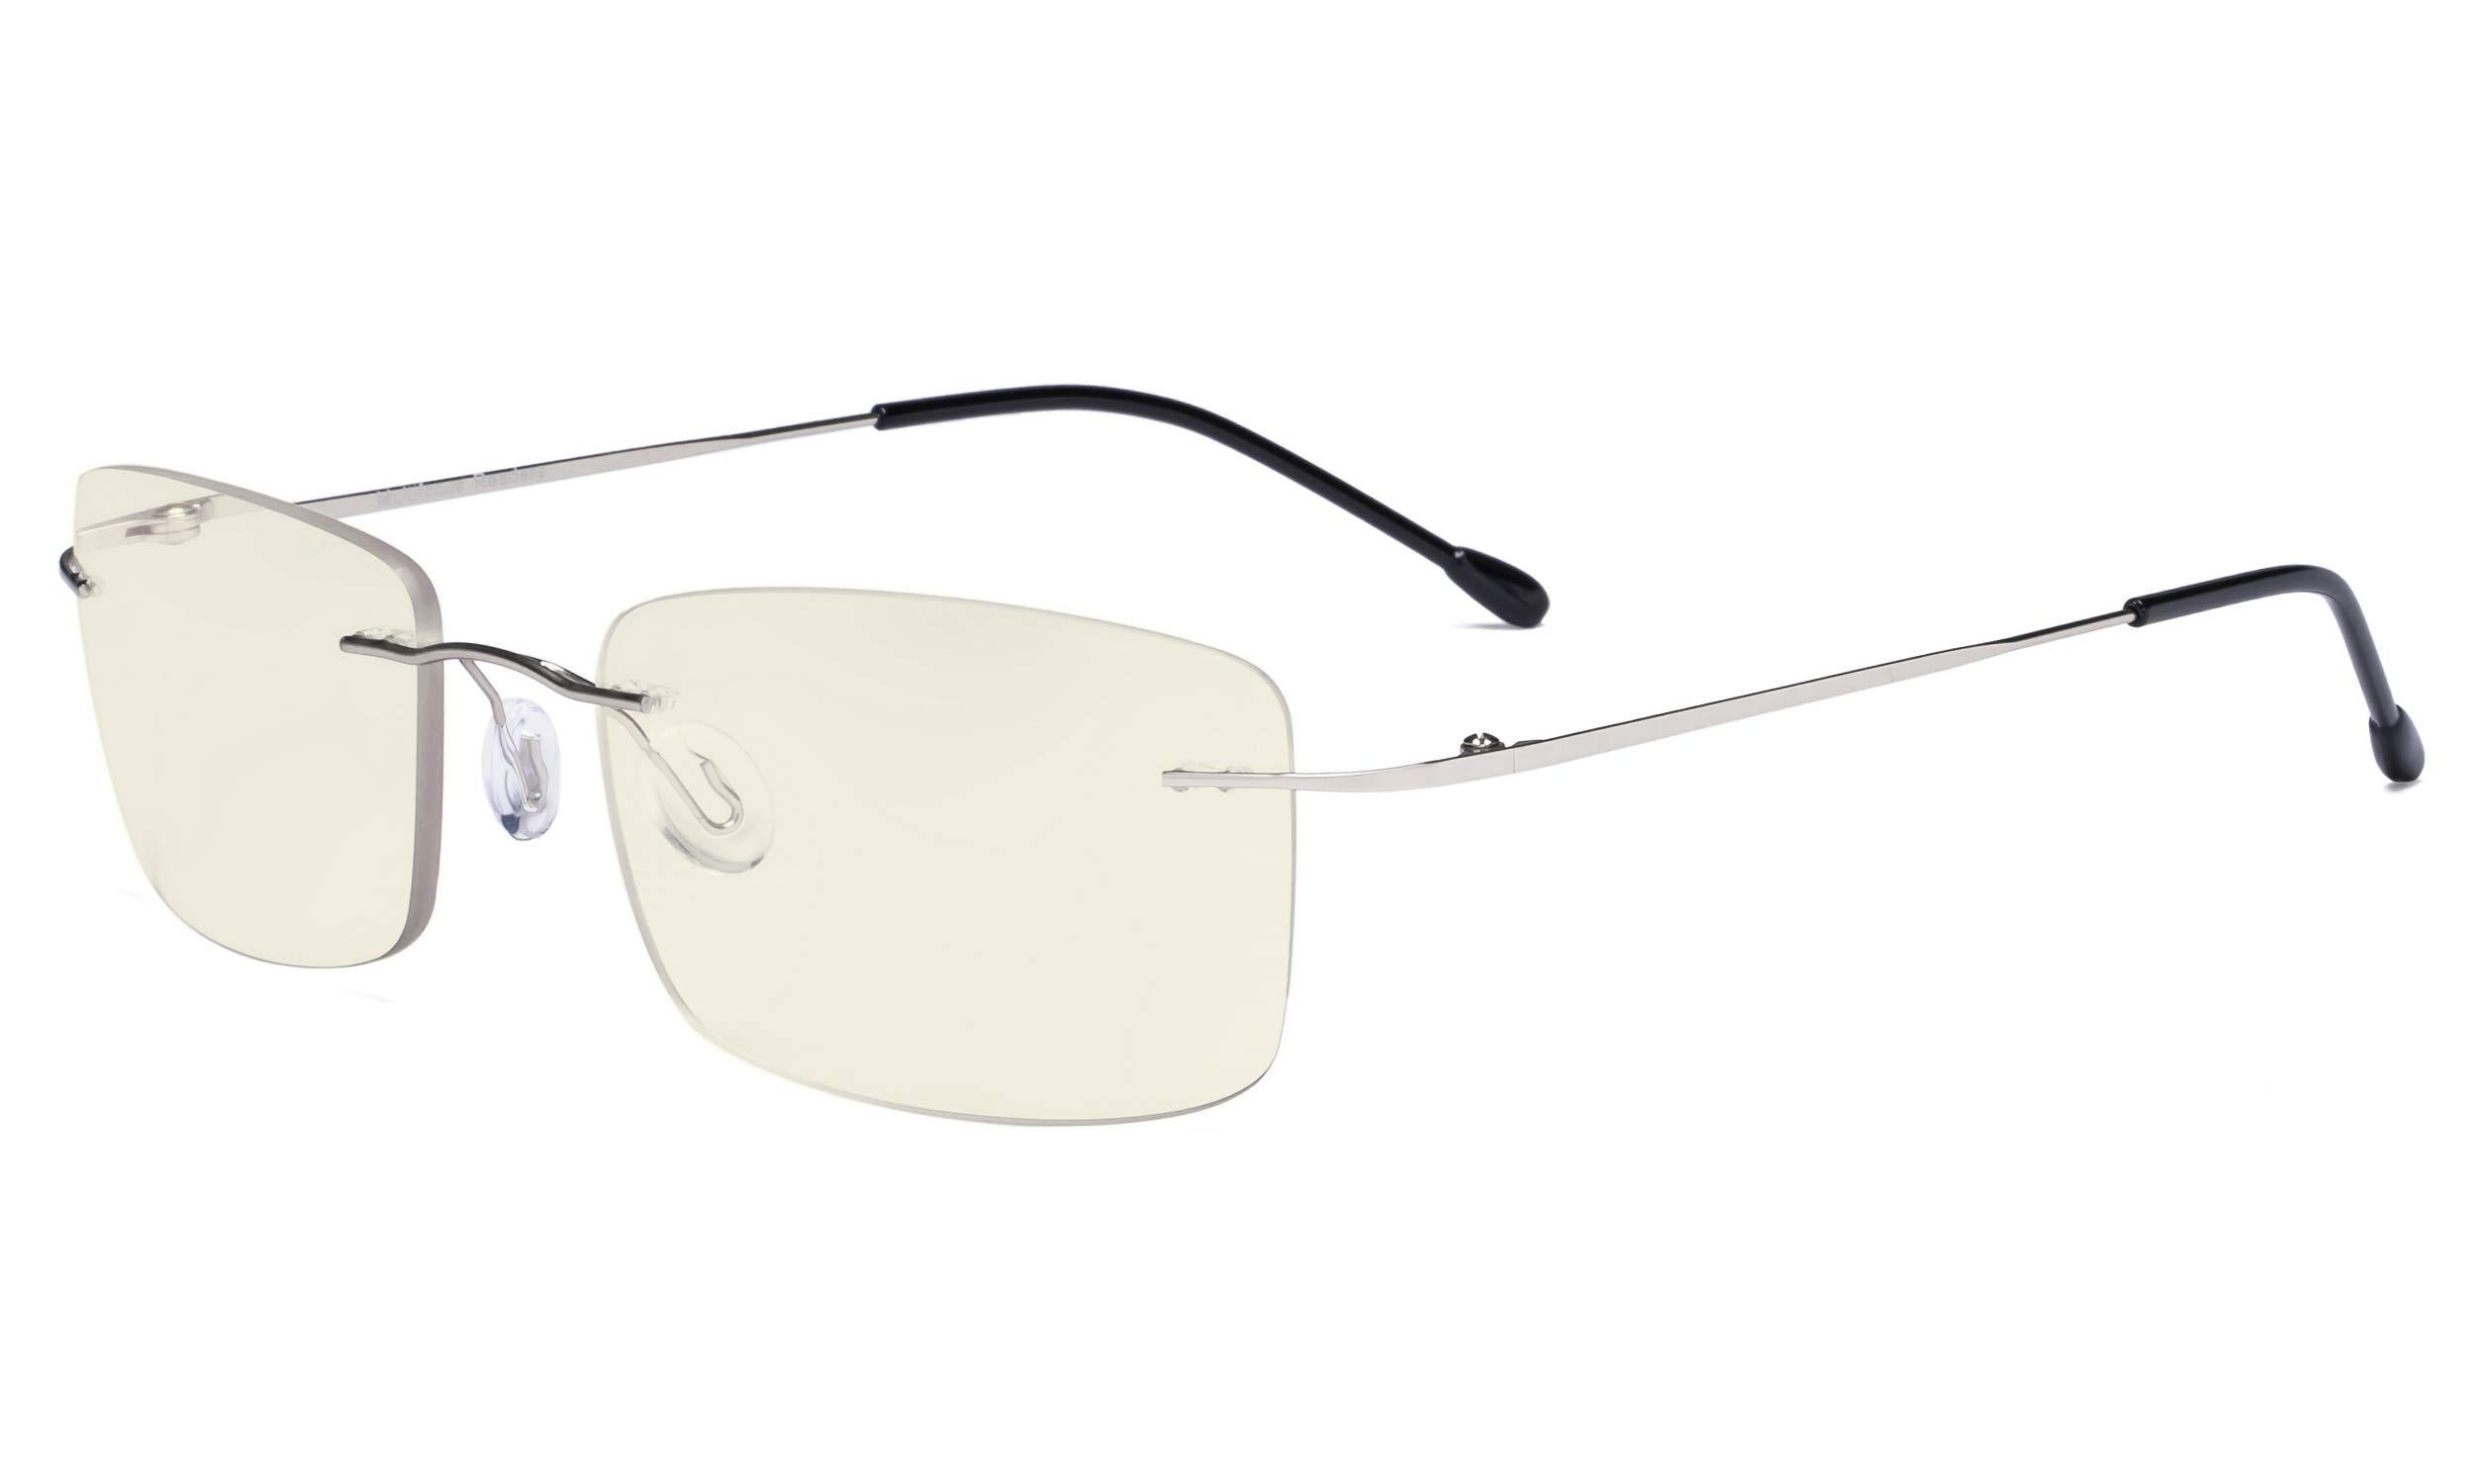 Eyekepper Rimless Progressive Glasses Multifocus Readers Blue Light Filter Reading Eyeglasses Men Women Silver +1.75